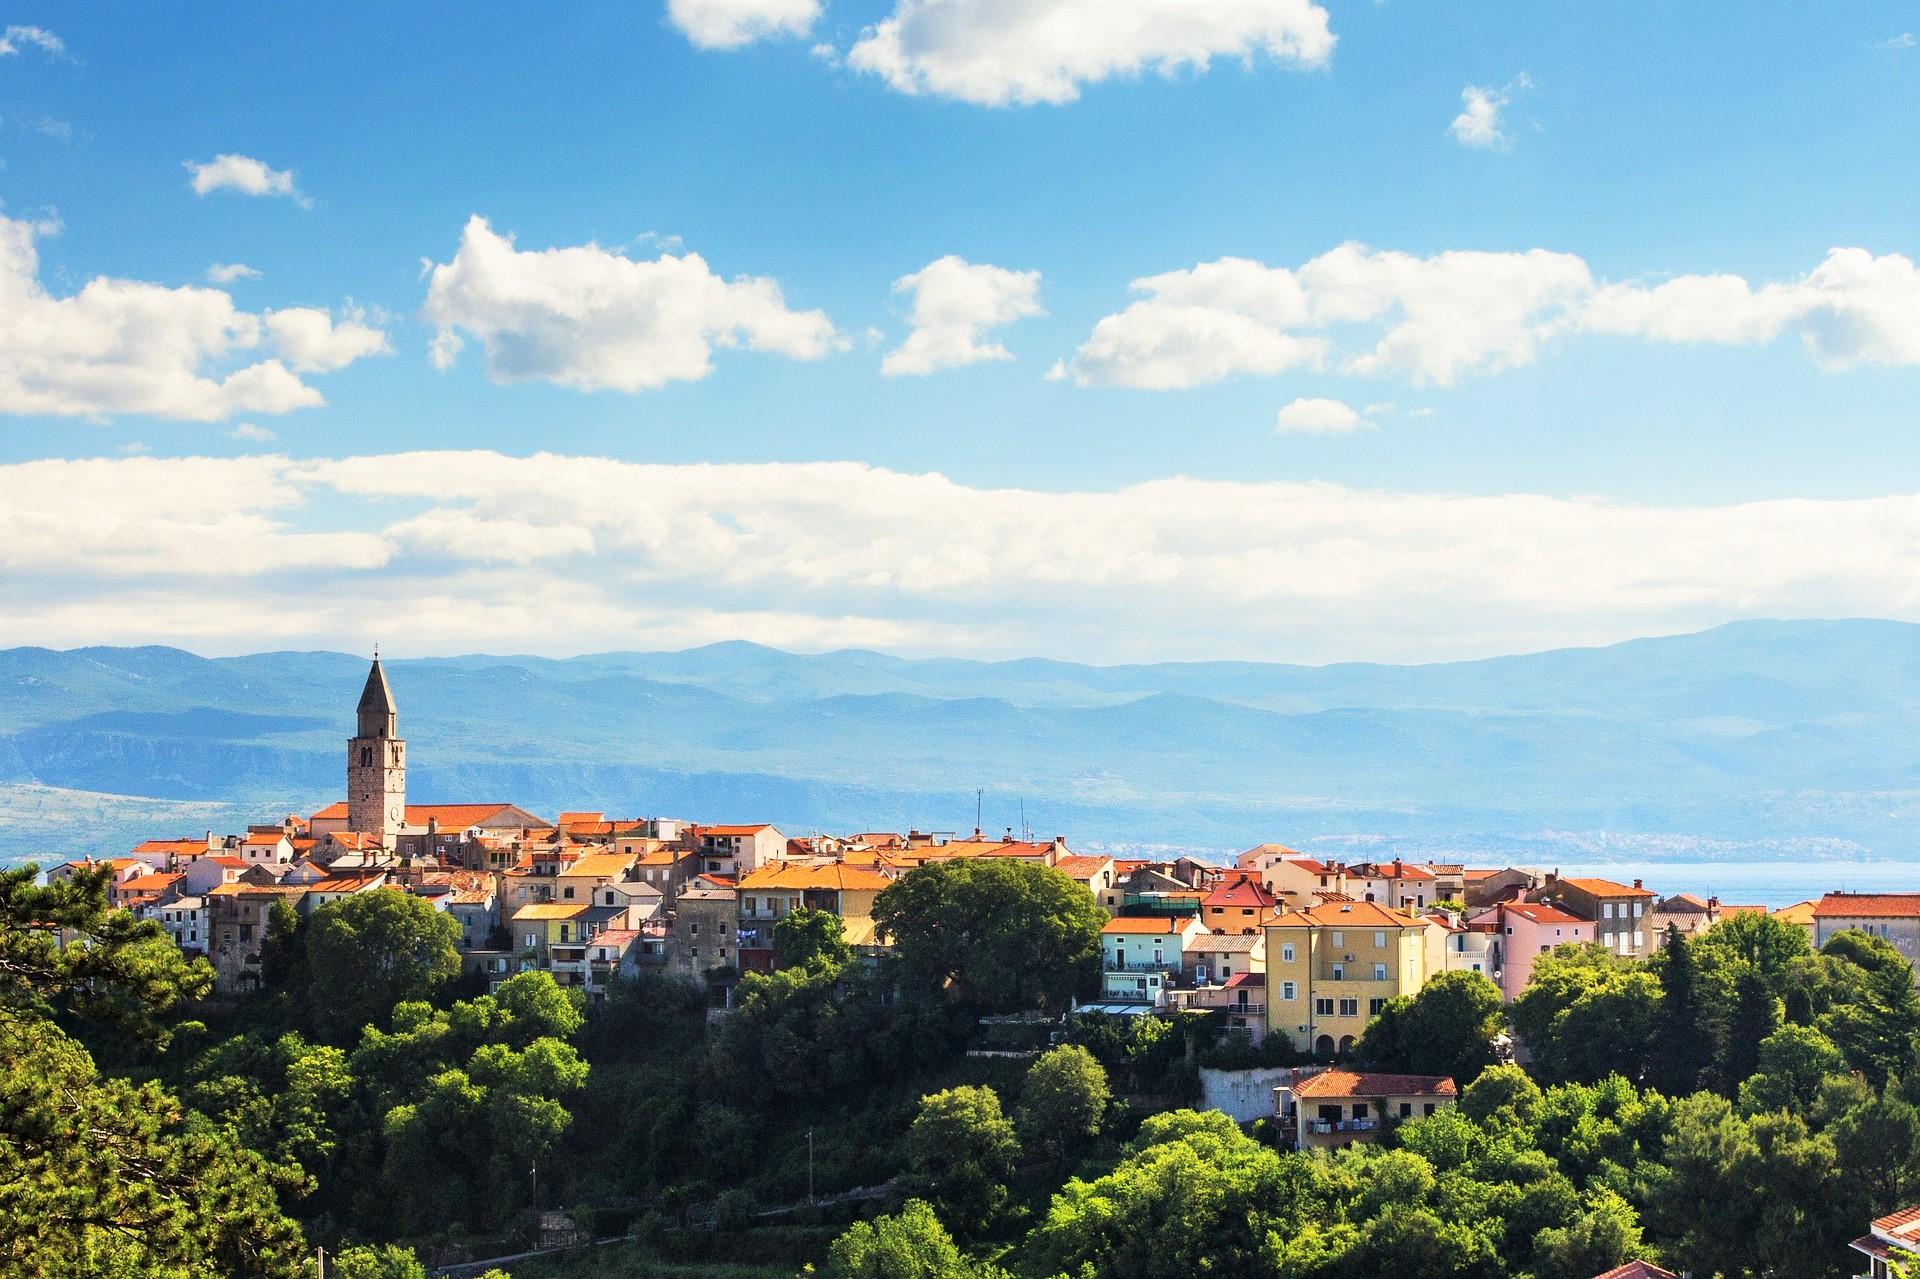 Krk Отдых в Хорватии туры хорватию хорватия Отдых в Хорватии — 9 курортных мест Адриатического побережья Krk